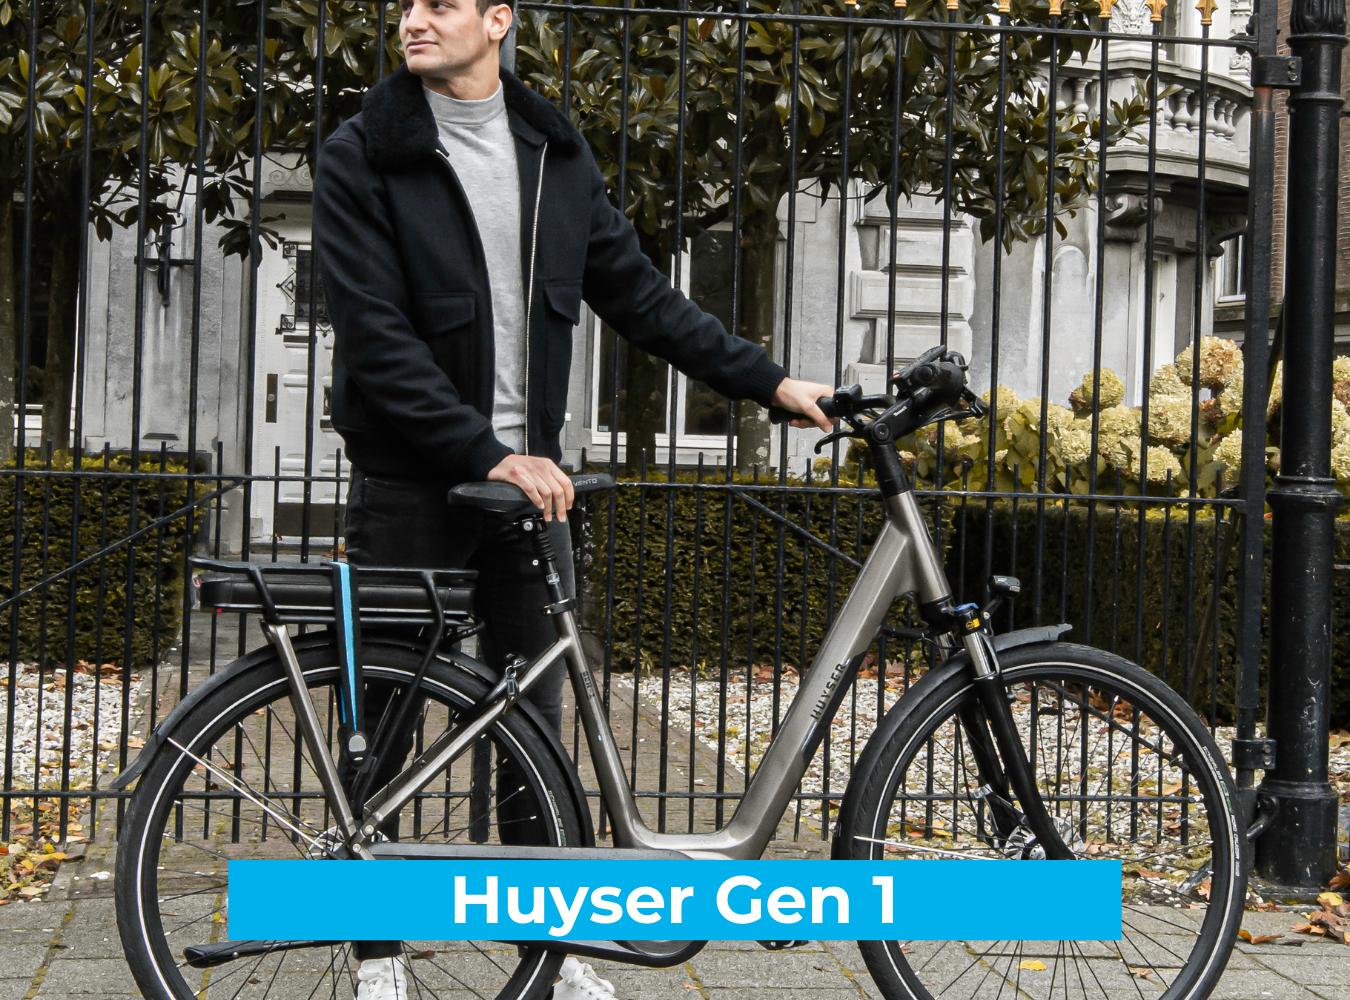 Koop de Huyser Gen 1 online bij Fietsuniek.nl en profiteer van een gratis EPIC service-upgrade met complete fietsservice door fietsenmakers aan huis.